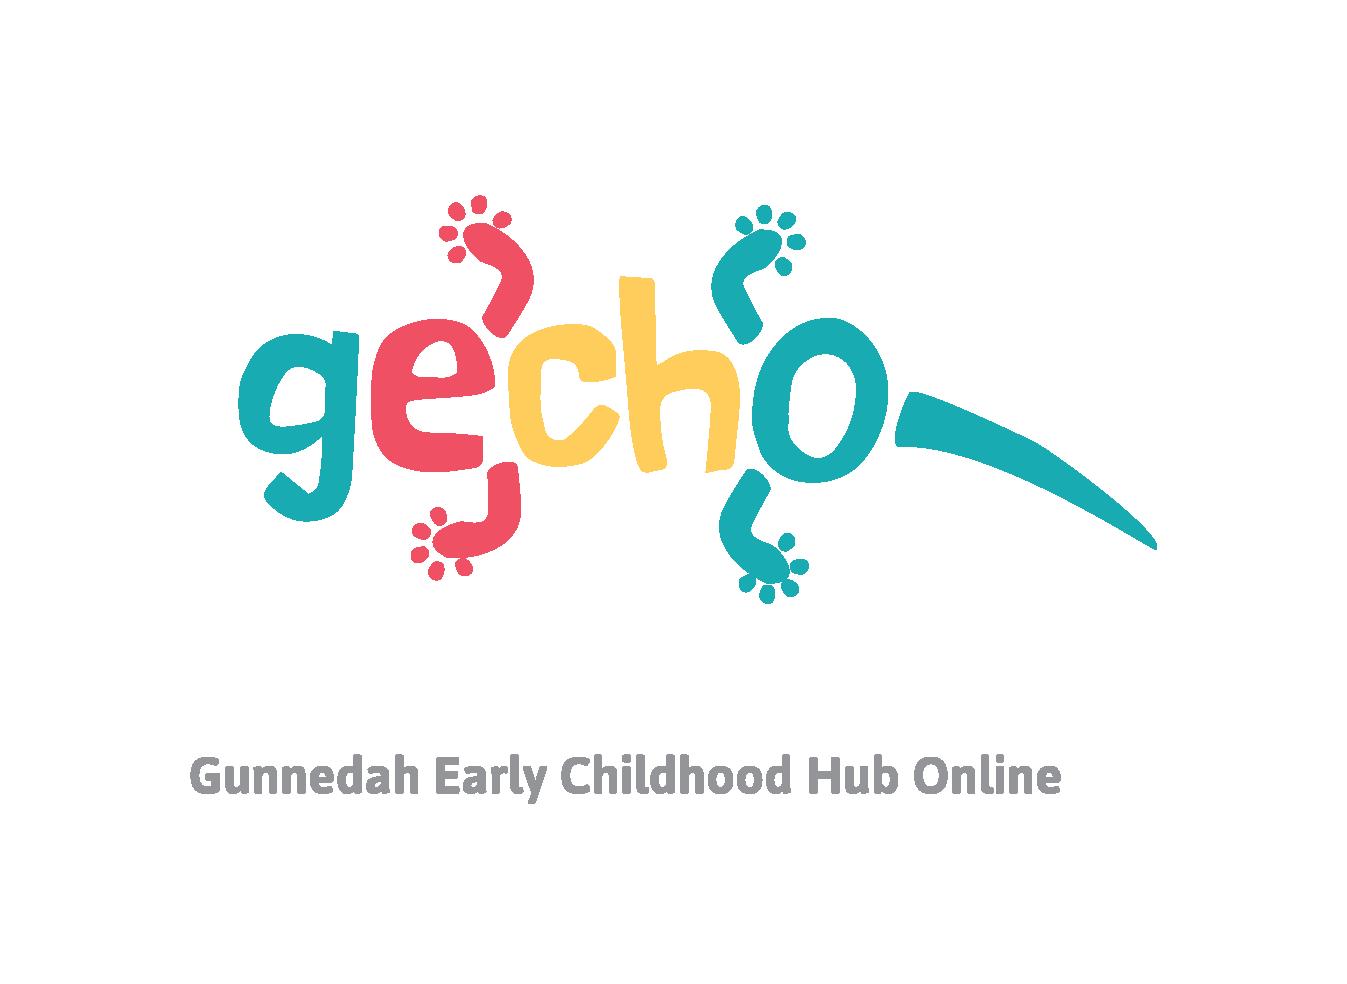 GECHO Logo